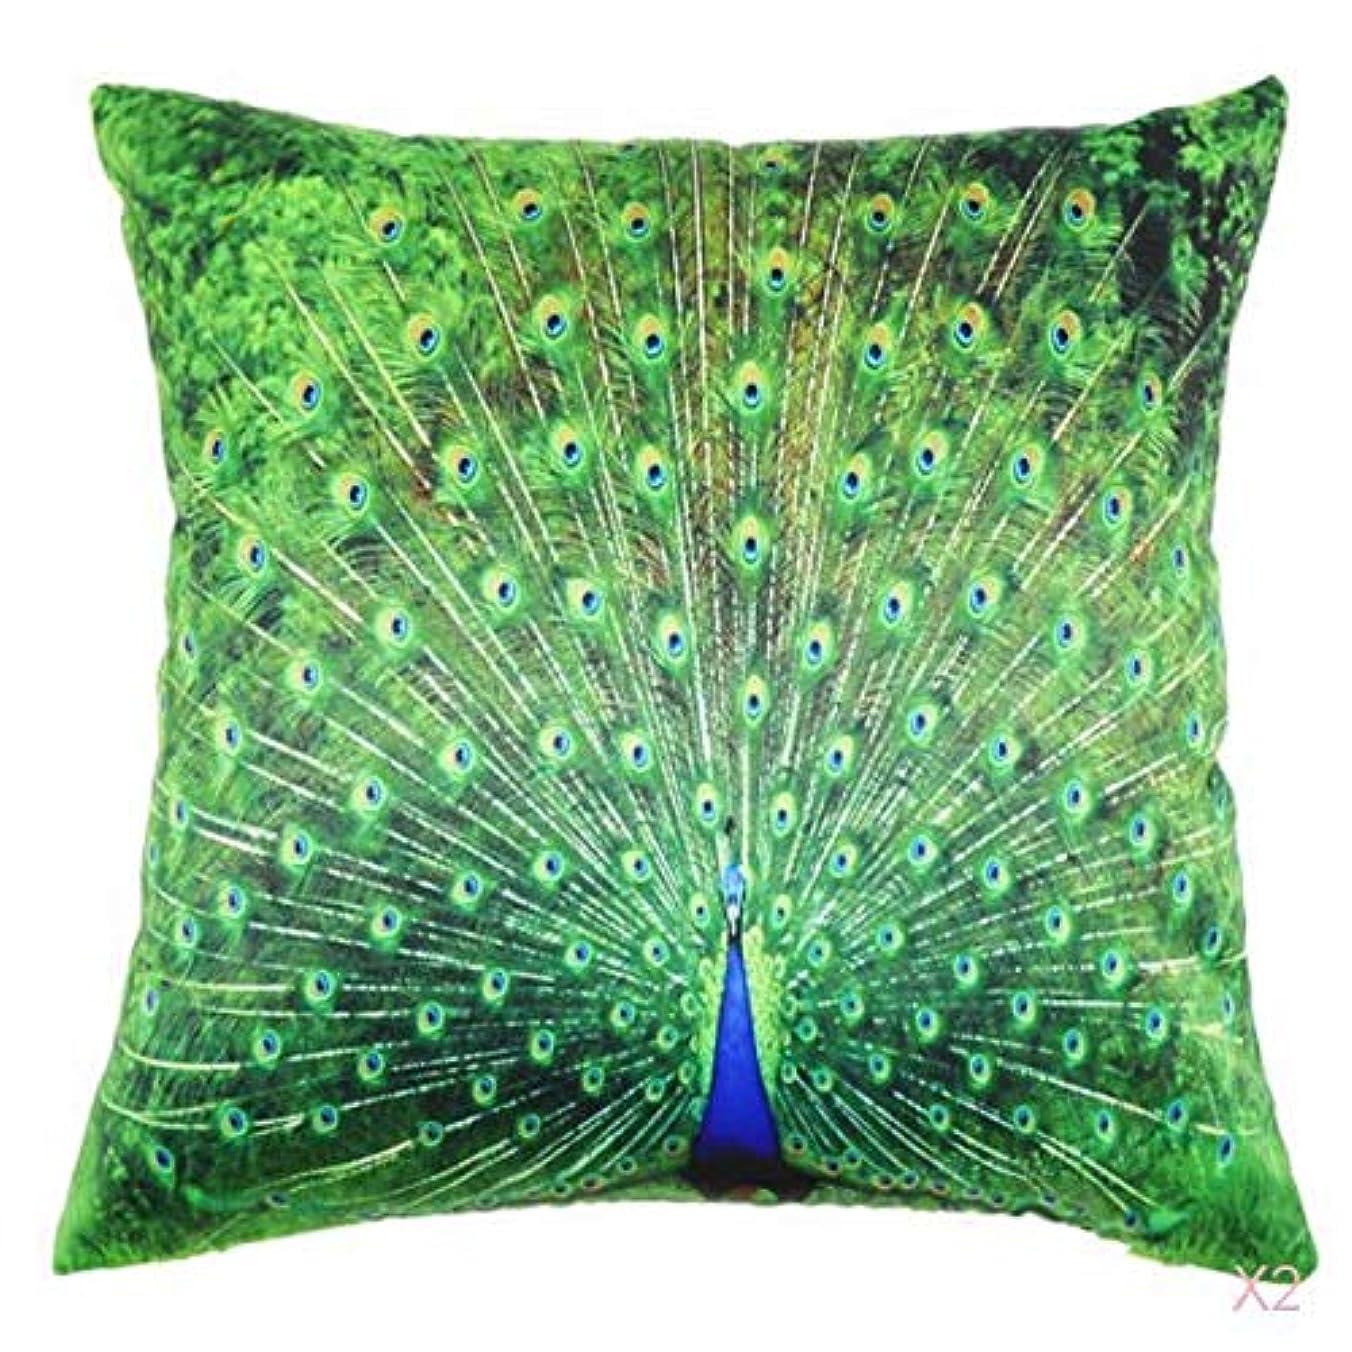 熱意安定しました事業内容45センチメートル家の装飾スロー枕カバークッションカバーヴィンテージ孔雀のパターン04